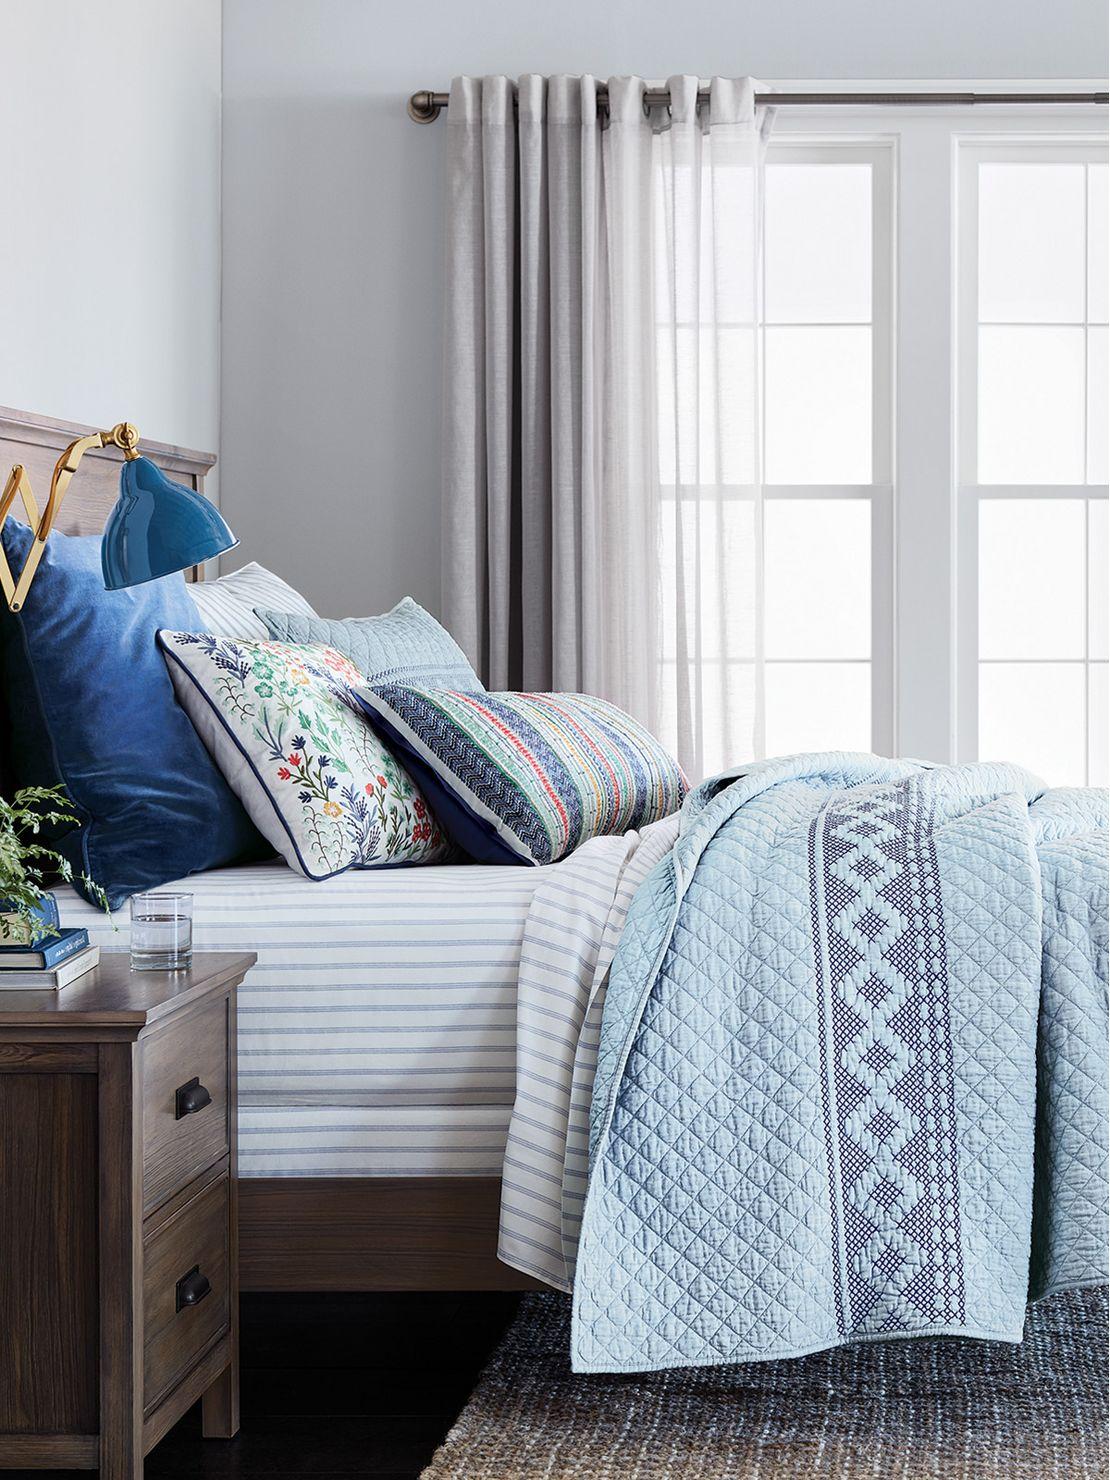 bedroom furniture target - Target Bedroom Furniture